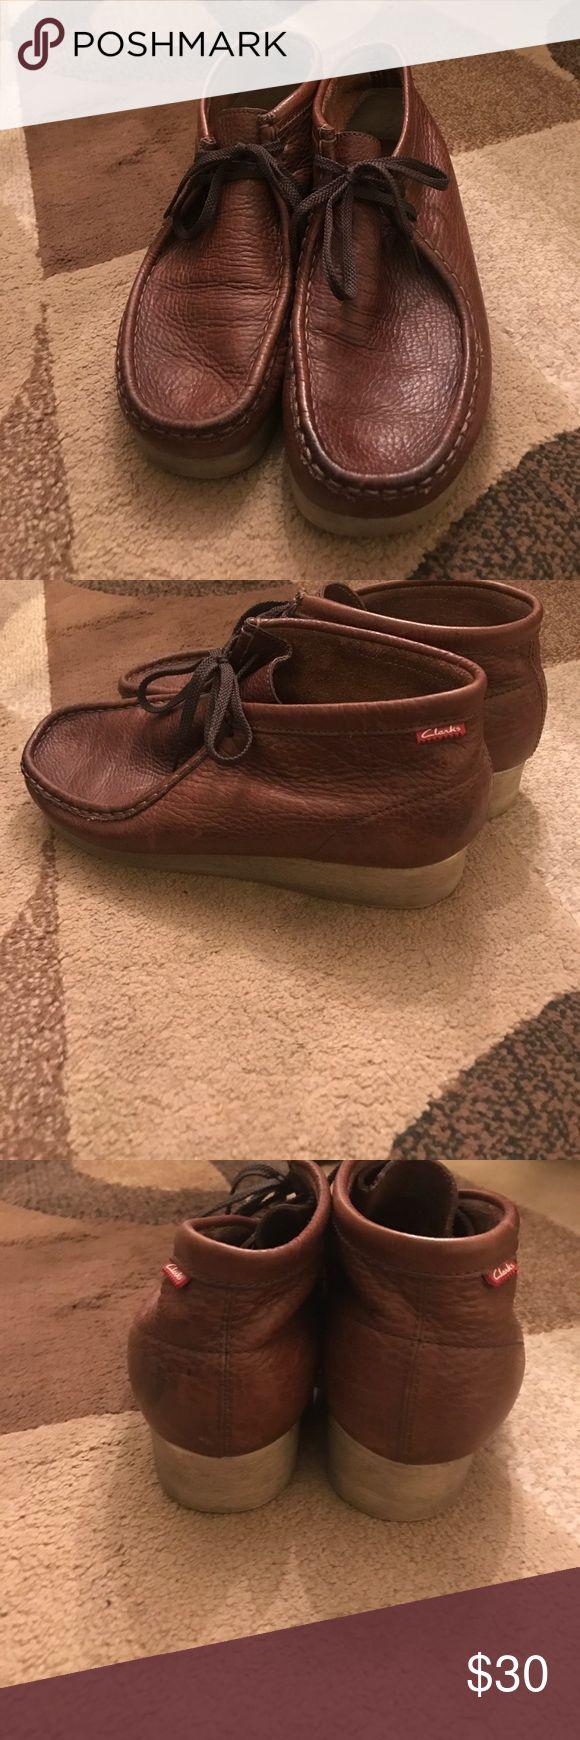 Men's Clarks with bubble gum soles Men's Clarks with bubble gum soles, excellent condition Clarks Shoes Oxfords & Derbys